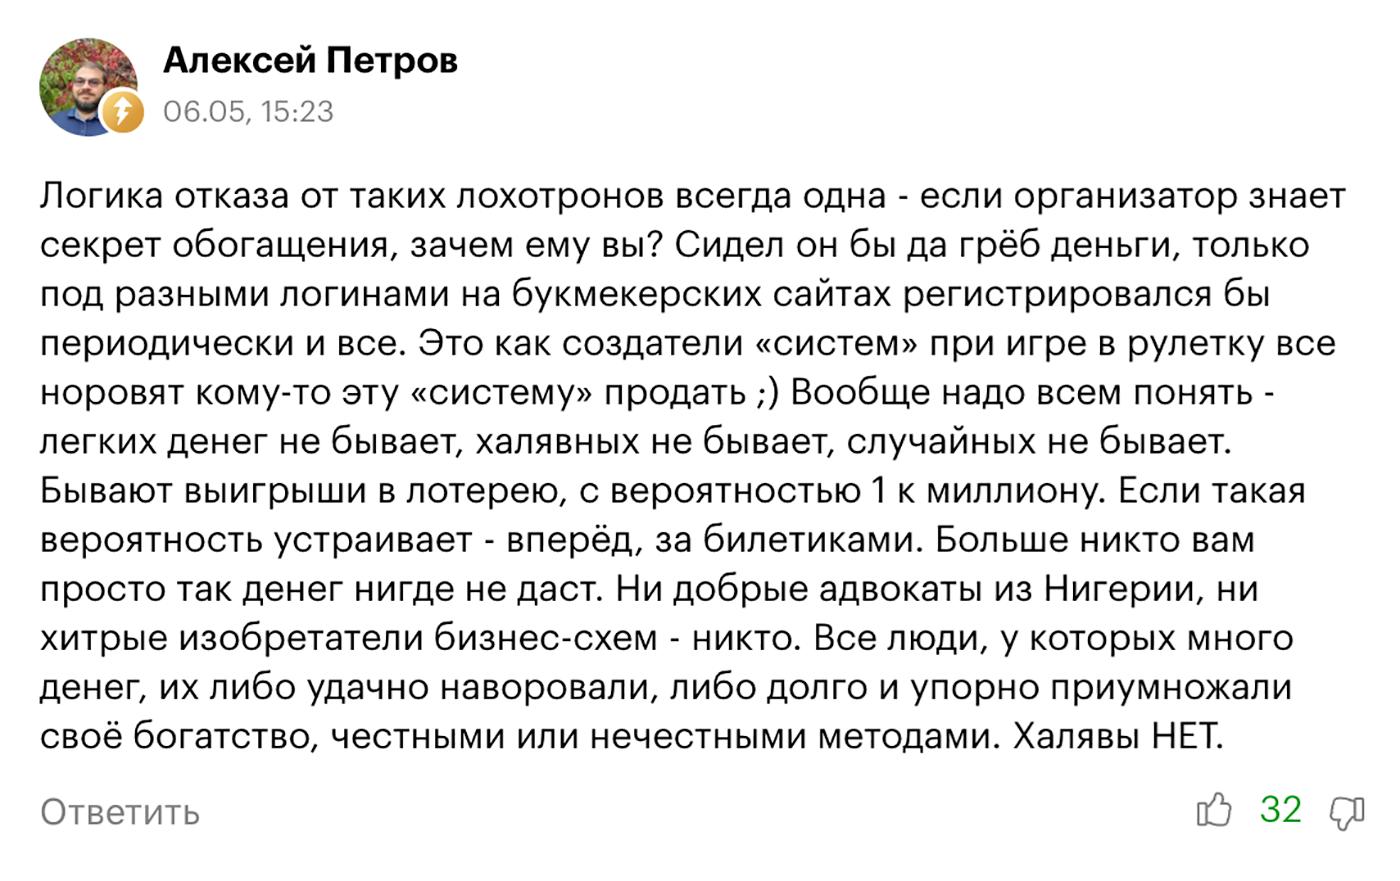 Золотые слова, Алексей!